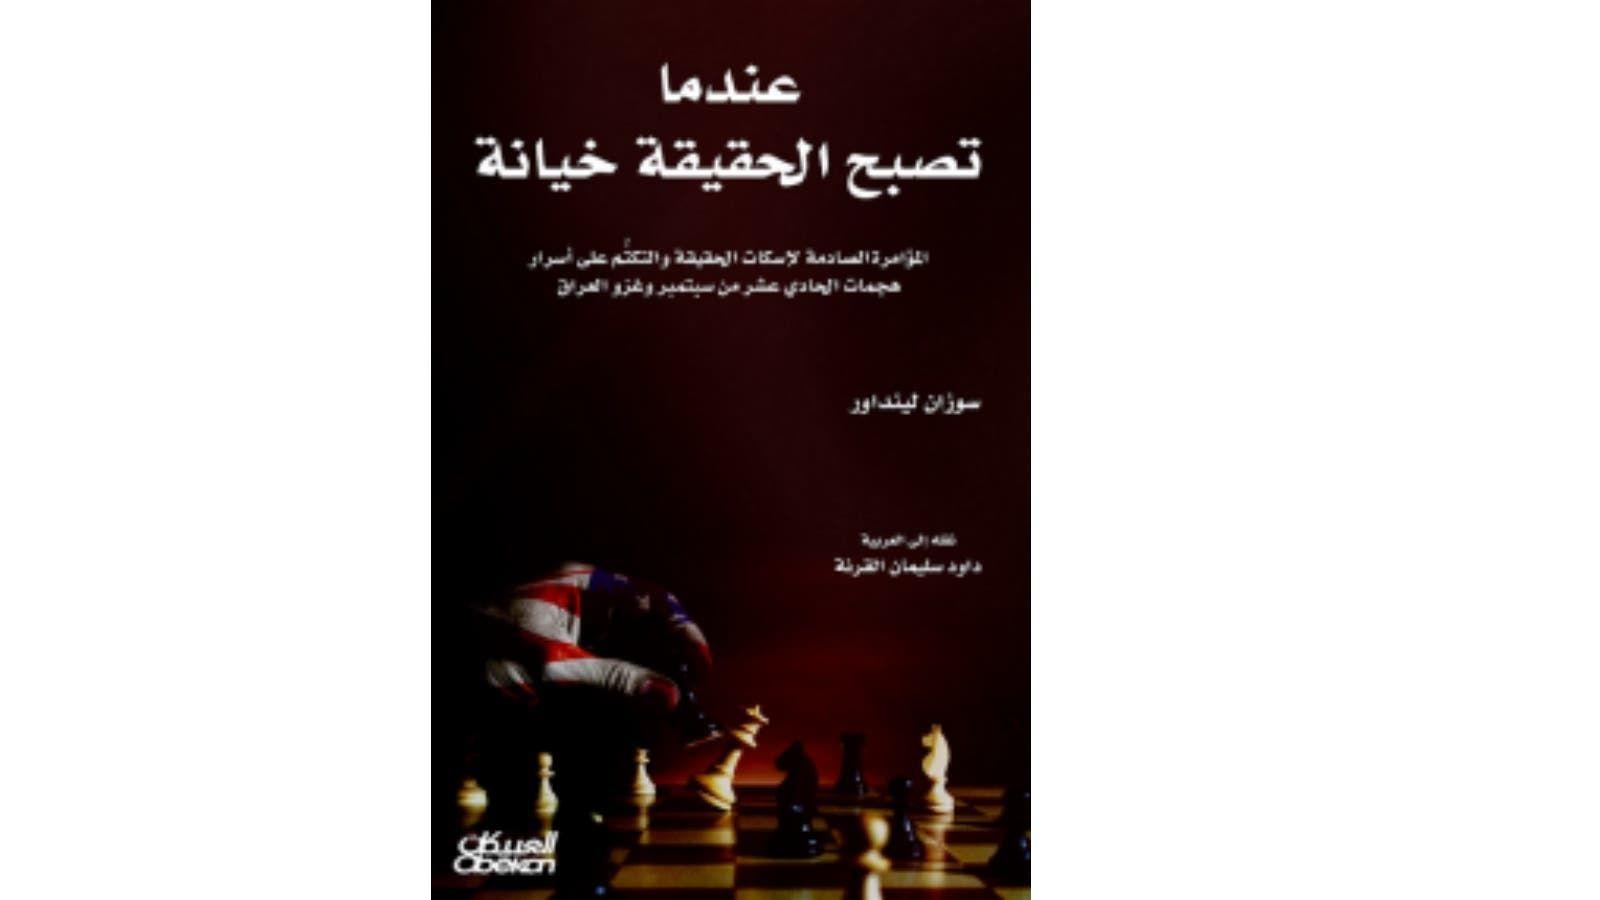 أسرار هجمات 11 9 وغزو العراق تأليف سوزان لينداور Lalic Movie Posters Movies